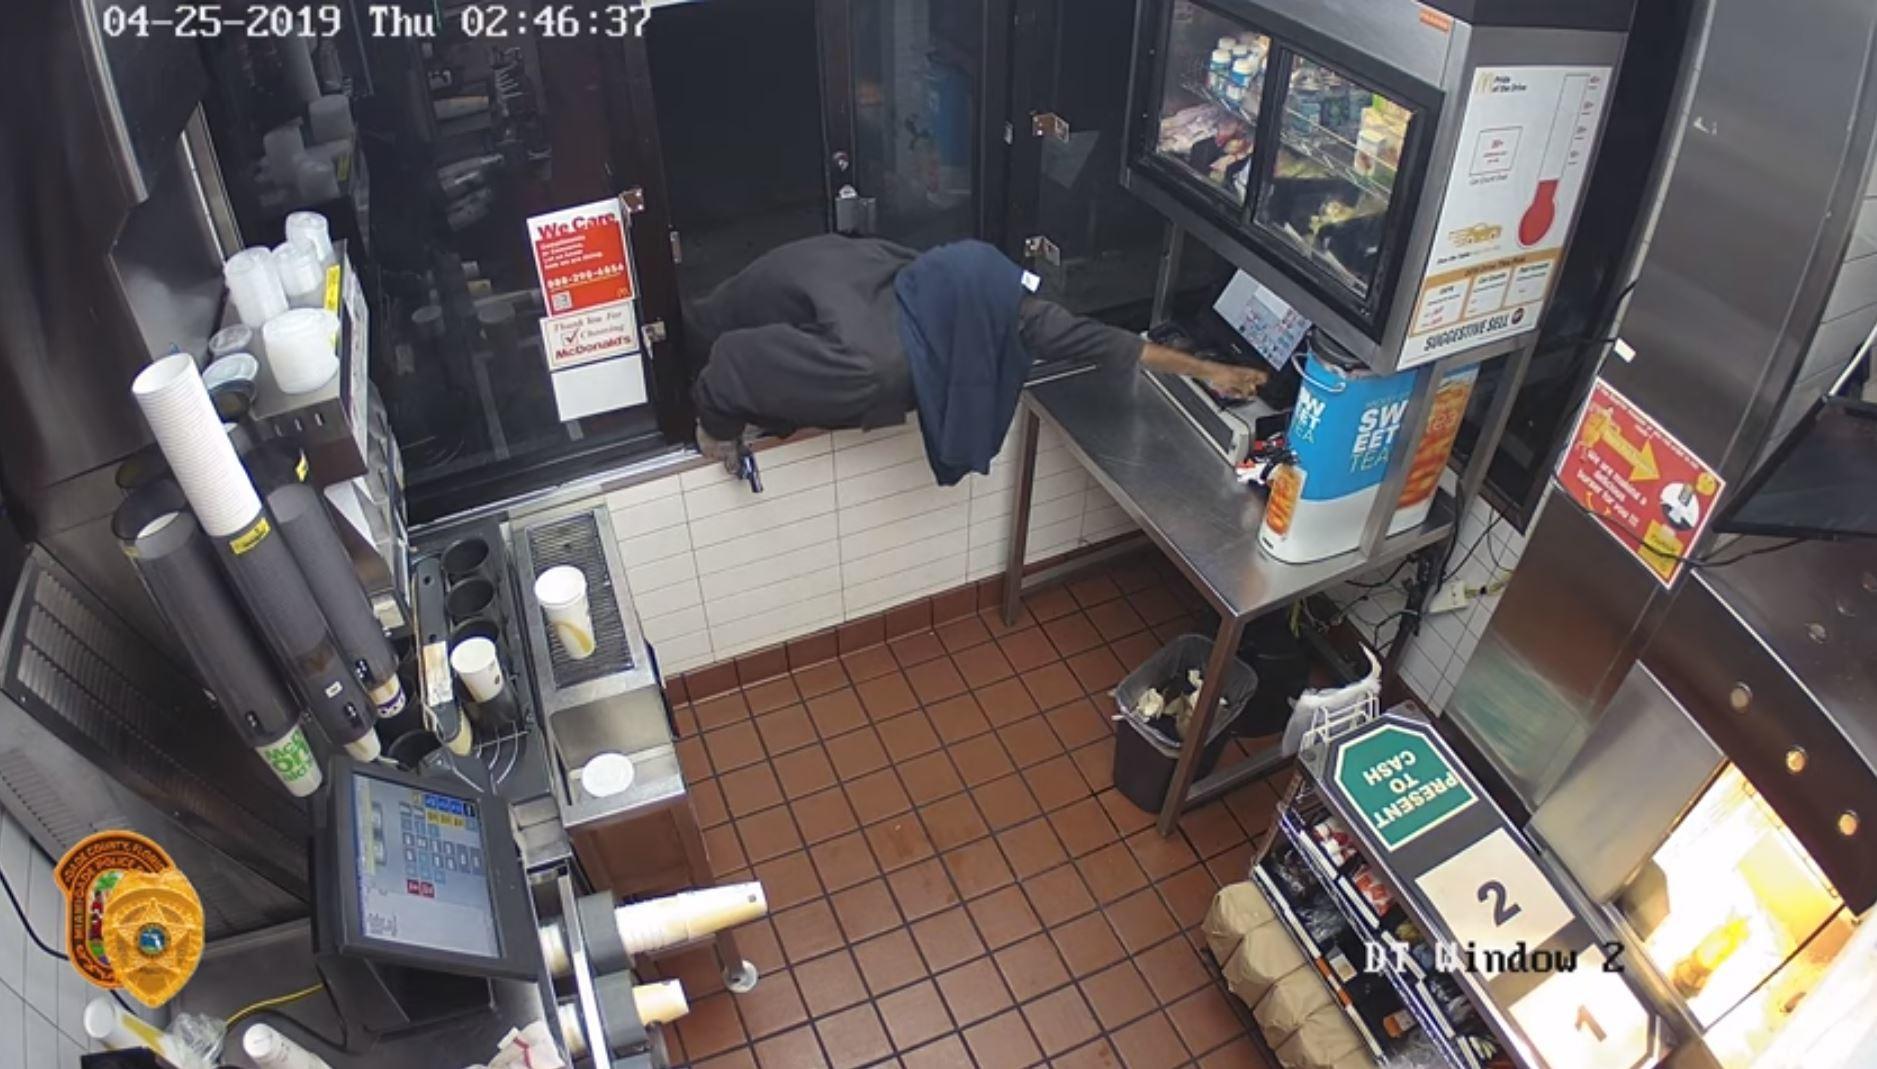 فيديو.. صراع بين لص وصندوق الدفع في أحد مطاعم الوجبات السريعة